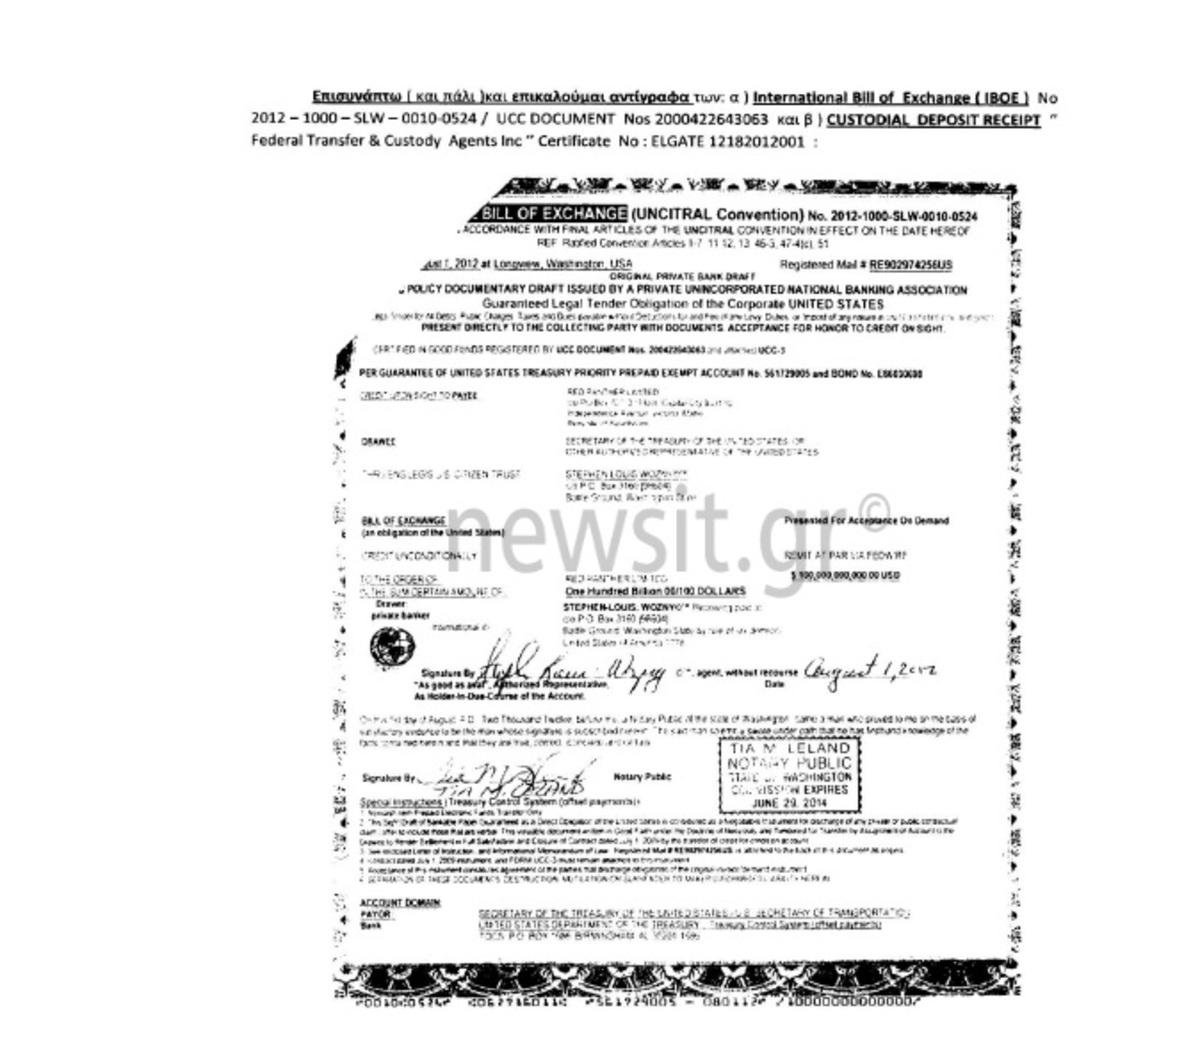 Αμερικανικό ΥΠΟΙΚ: Πλαστά τα ομόλογα Σώρρα – Έγγραφο ντοκουμέντο